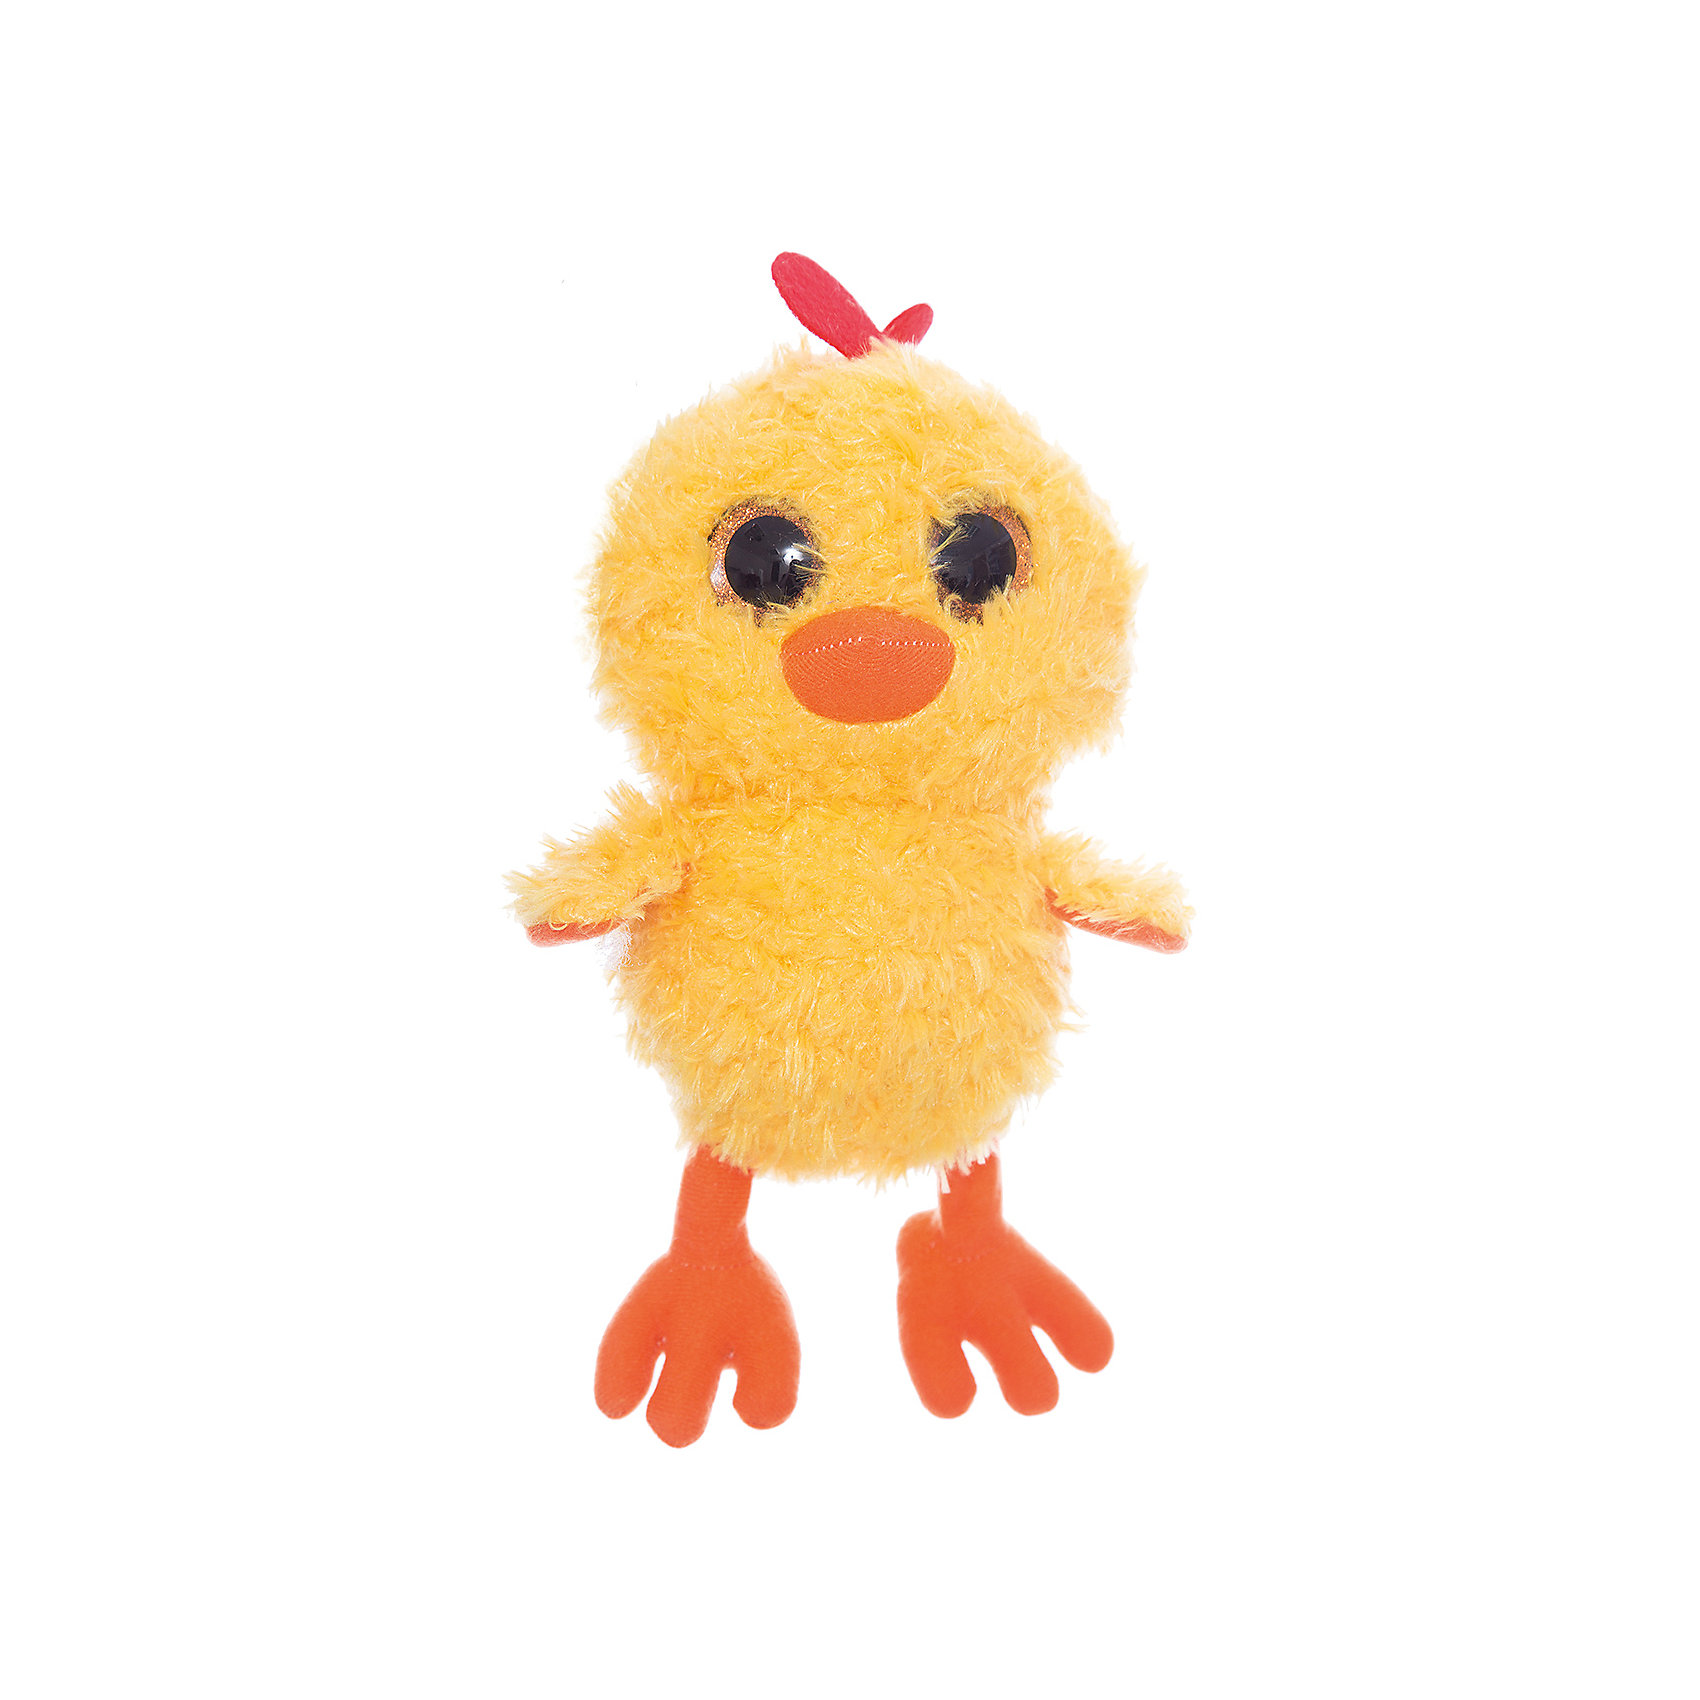 Мягкая игрушка Цыпленок глазастик, FancyМягкие игрушки животные<br>Характеристики:<br><br>• высота игрушки: 22 см;<br>• тип игрушки: мягконабивная;<br>• материал: текстиль, синтетический наполнитель. <br><br>Мягкая игрушка Цыпленок глазастик с огромными глазками будет сопровождать вашего малыша на прогулках, в садике, в кроватке. Цыпленок мягконабивной, приятный на ощупь, изготовлен из качественных материалов. <br><br>Мягкую игрушку Цыпленок глазастик, Fancy можно купить в нашем магазине.<br><br>Ширина мм: 140<br>Глубина мм: 150<br>Высота мм: 230<br>Вес г: 135<br>Возраст от месяцев: 36<br>Возраст до месяцев: 2147483647<br>Пол: Унисекс<br>Возраст: Детский<br>SKU: 5268993